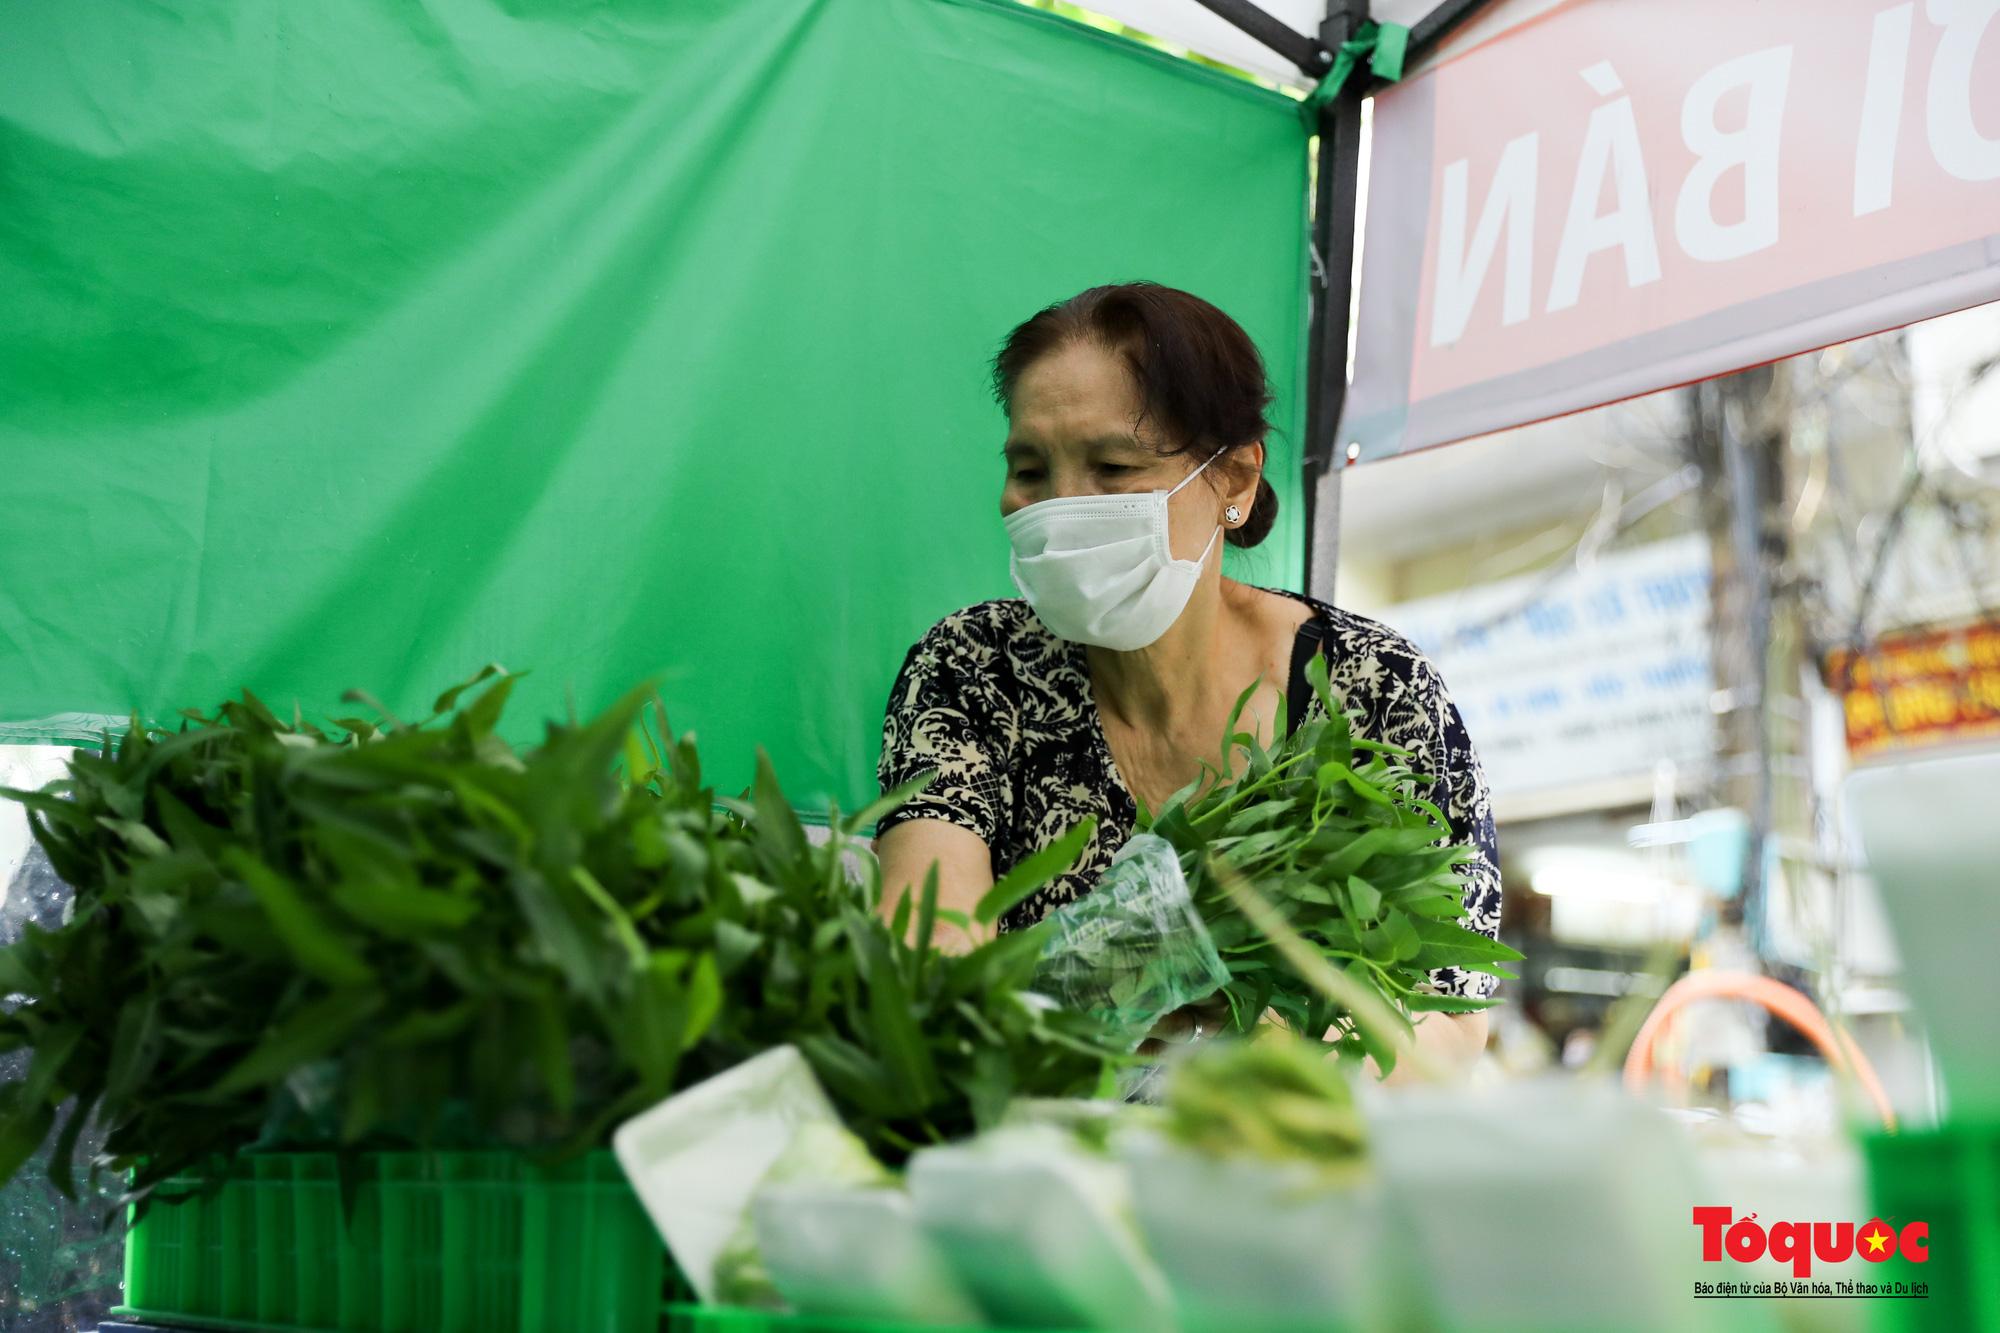 Hà Nội: Cửa hàng thiết yếu không người bán, người mua cũng không cần phải trả tiền ngay - Ảnh 9.